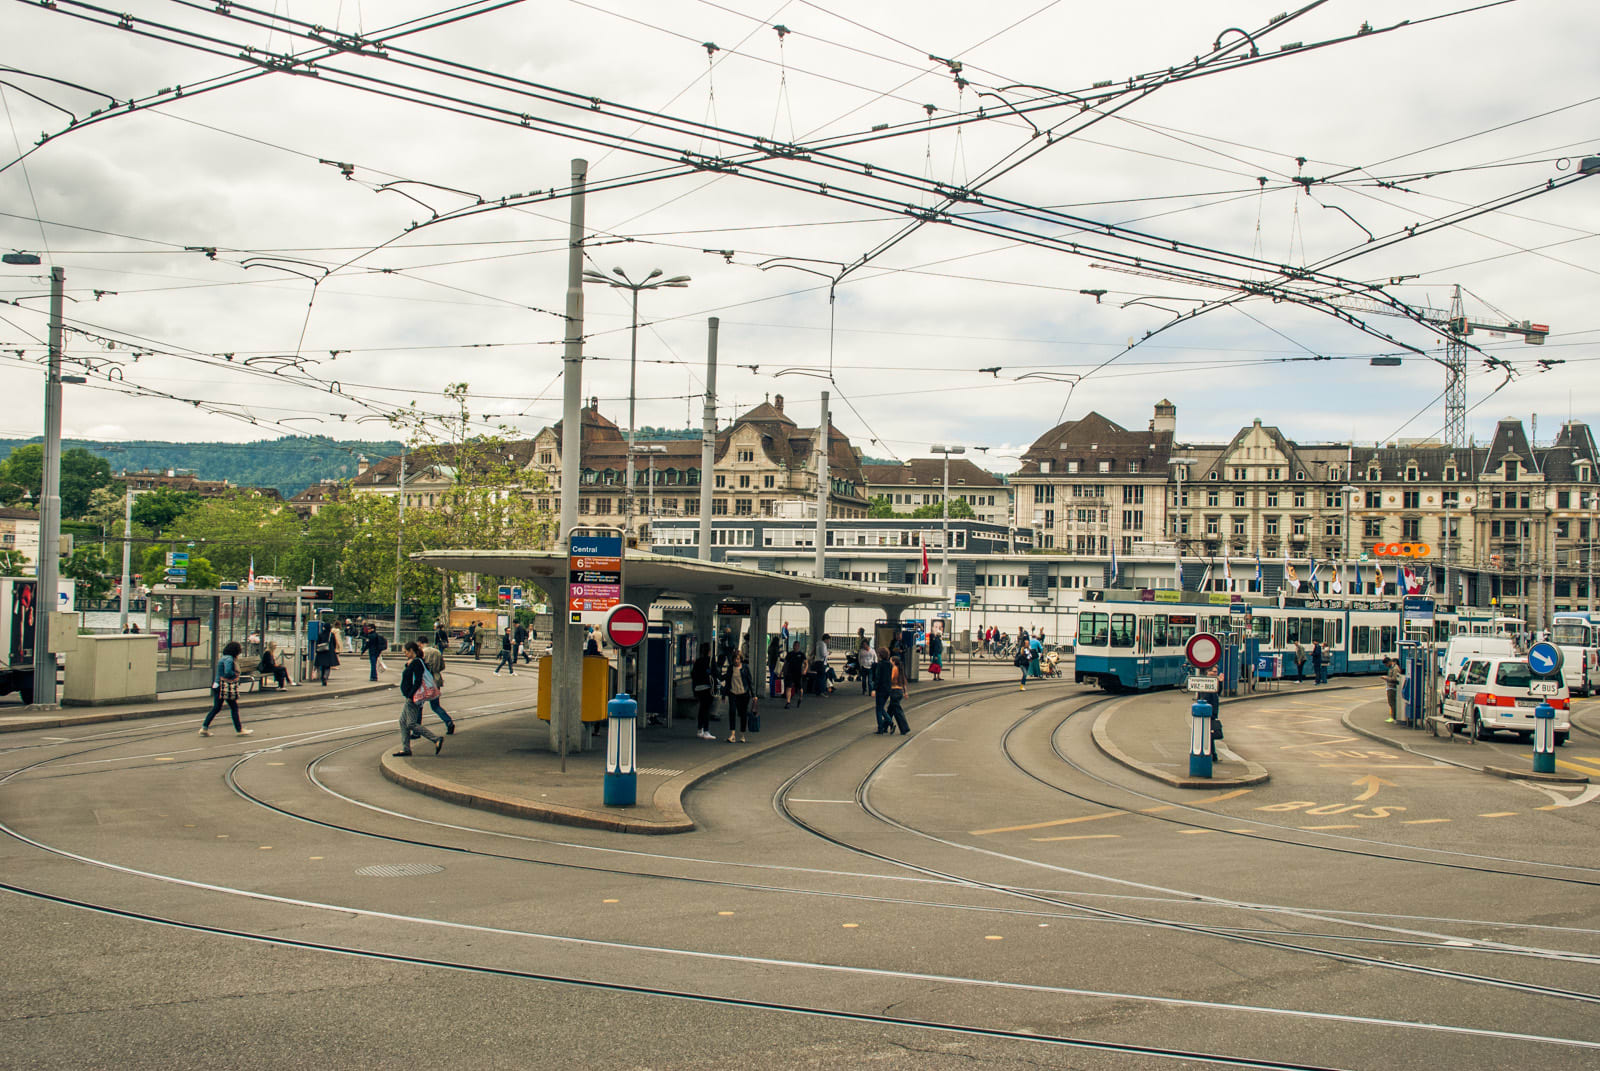 Central tram interchange near the Zurich Hauptbahnhof (main station)